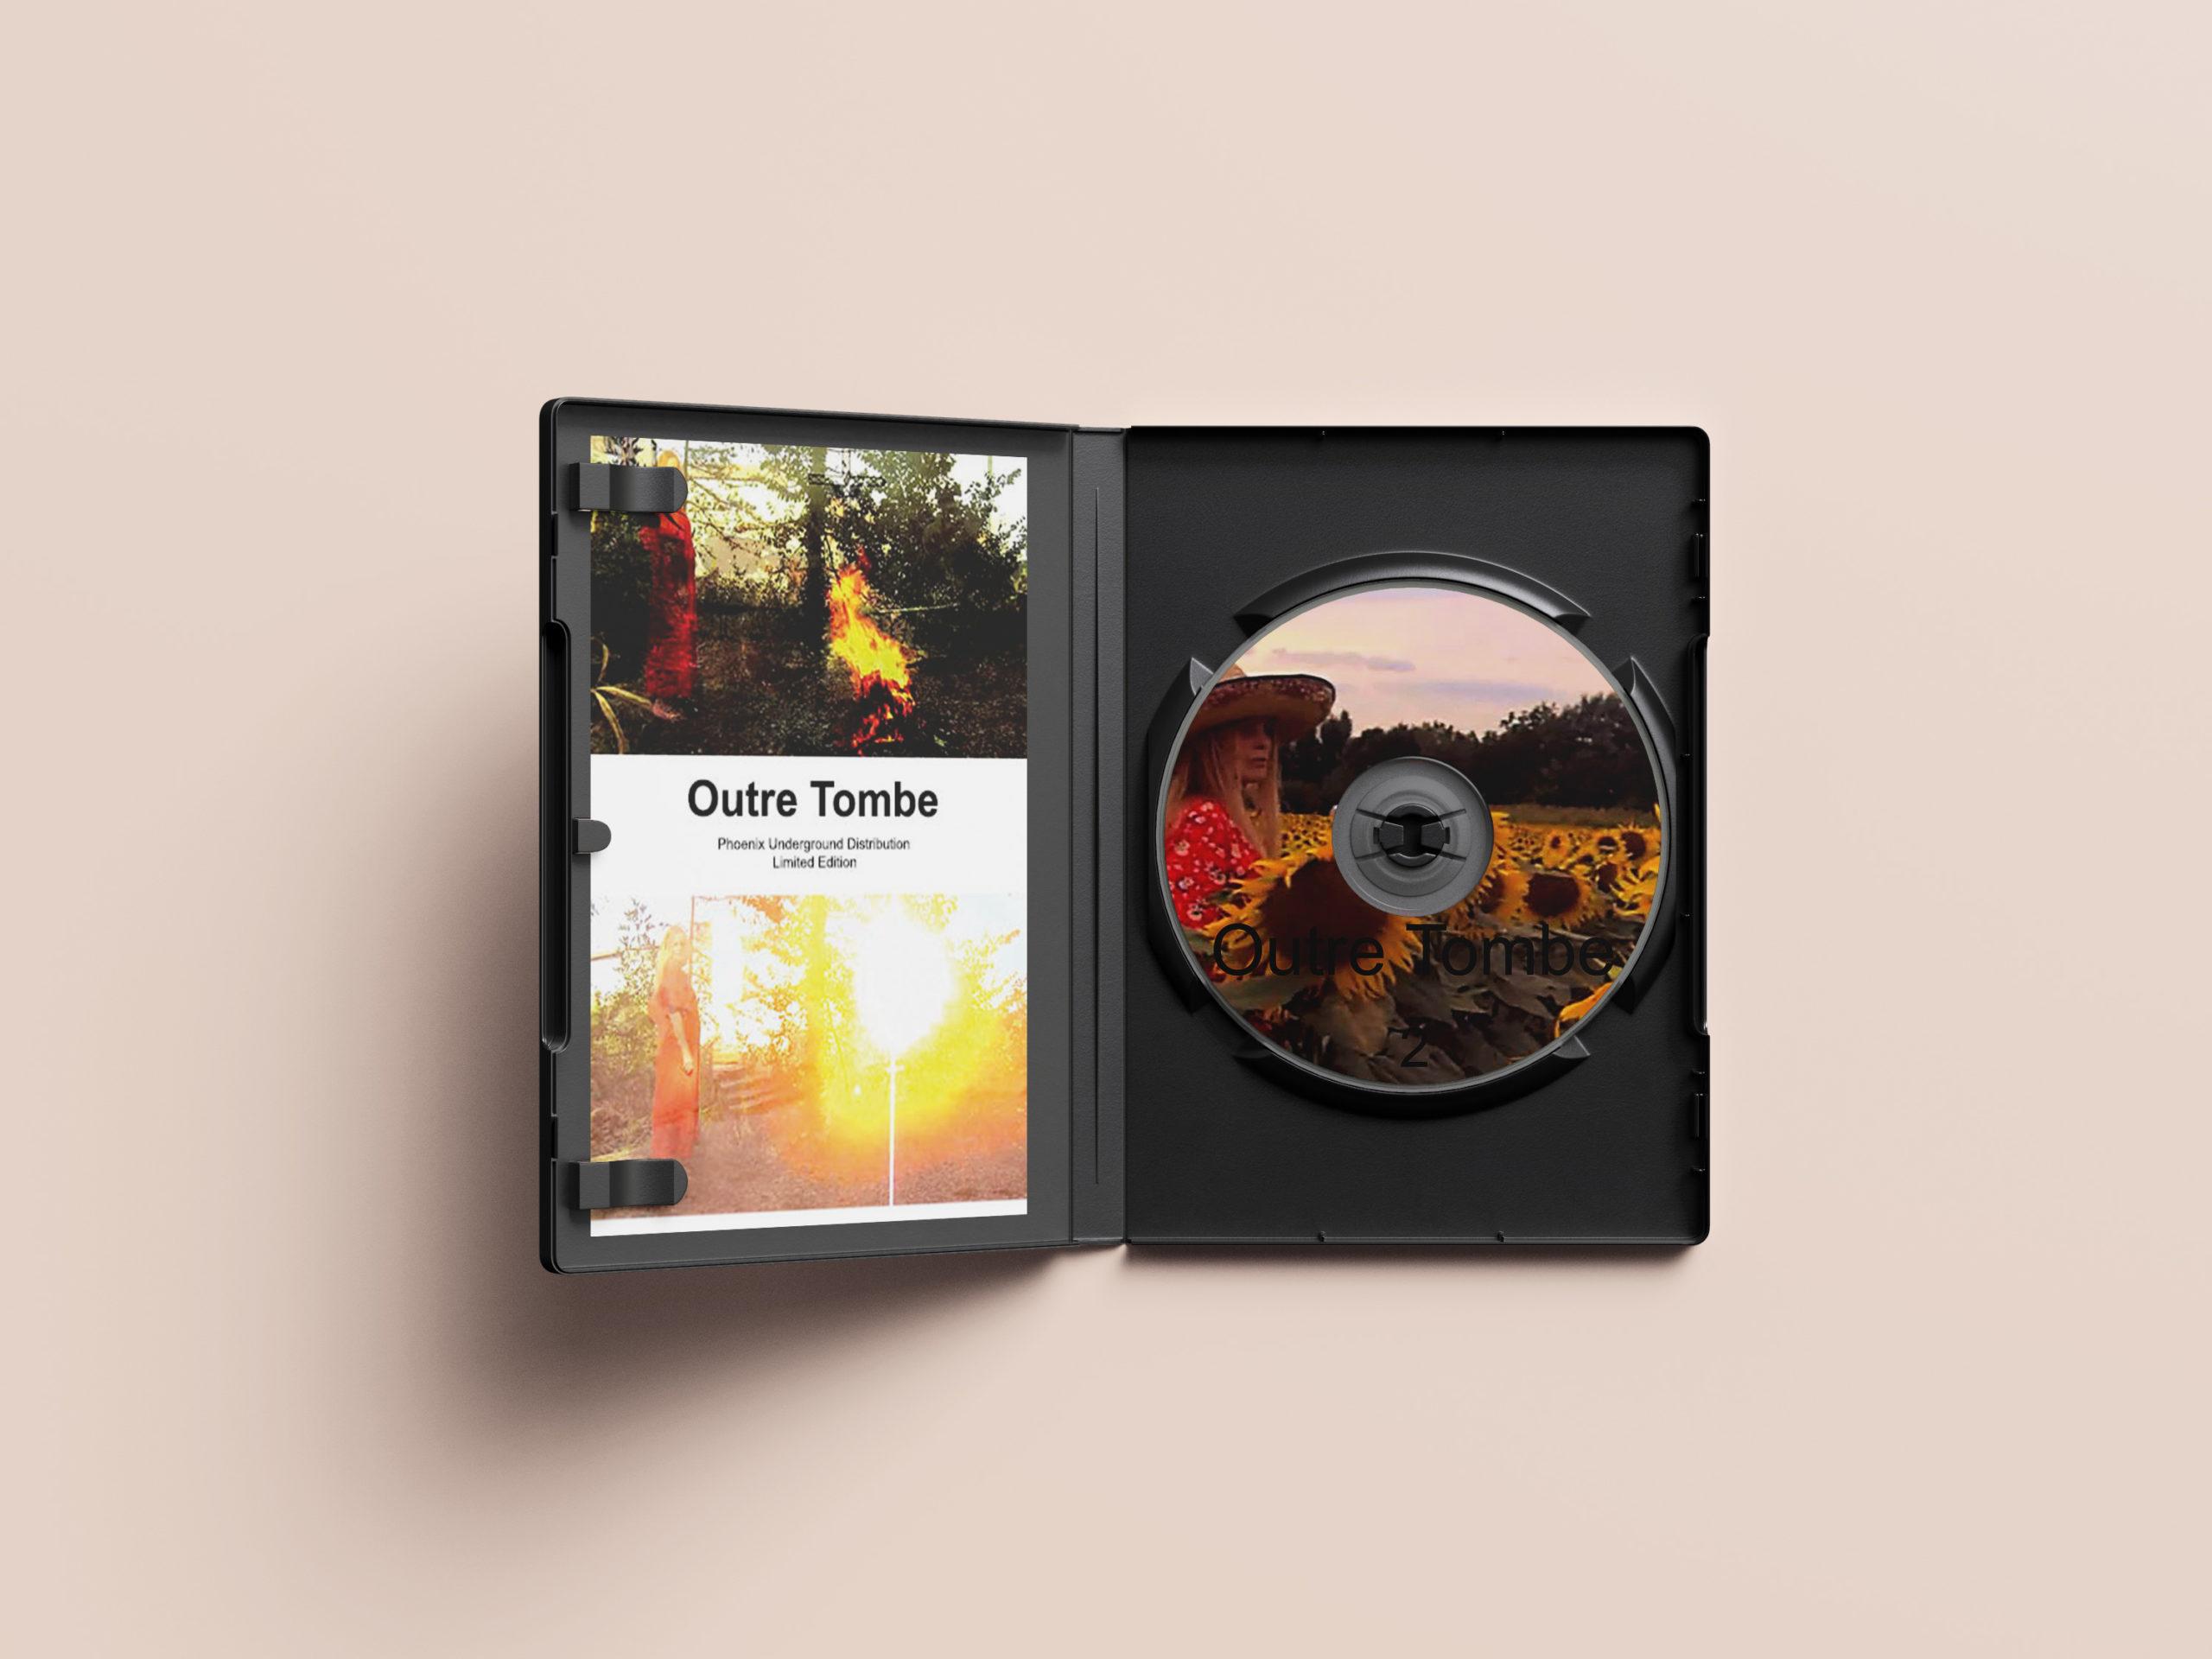 mockup outre tombe livret et dvd